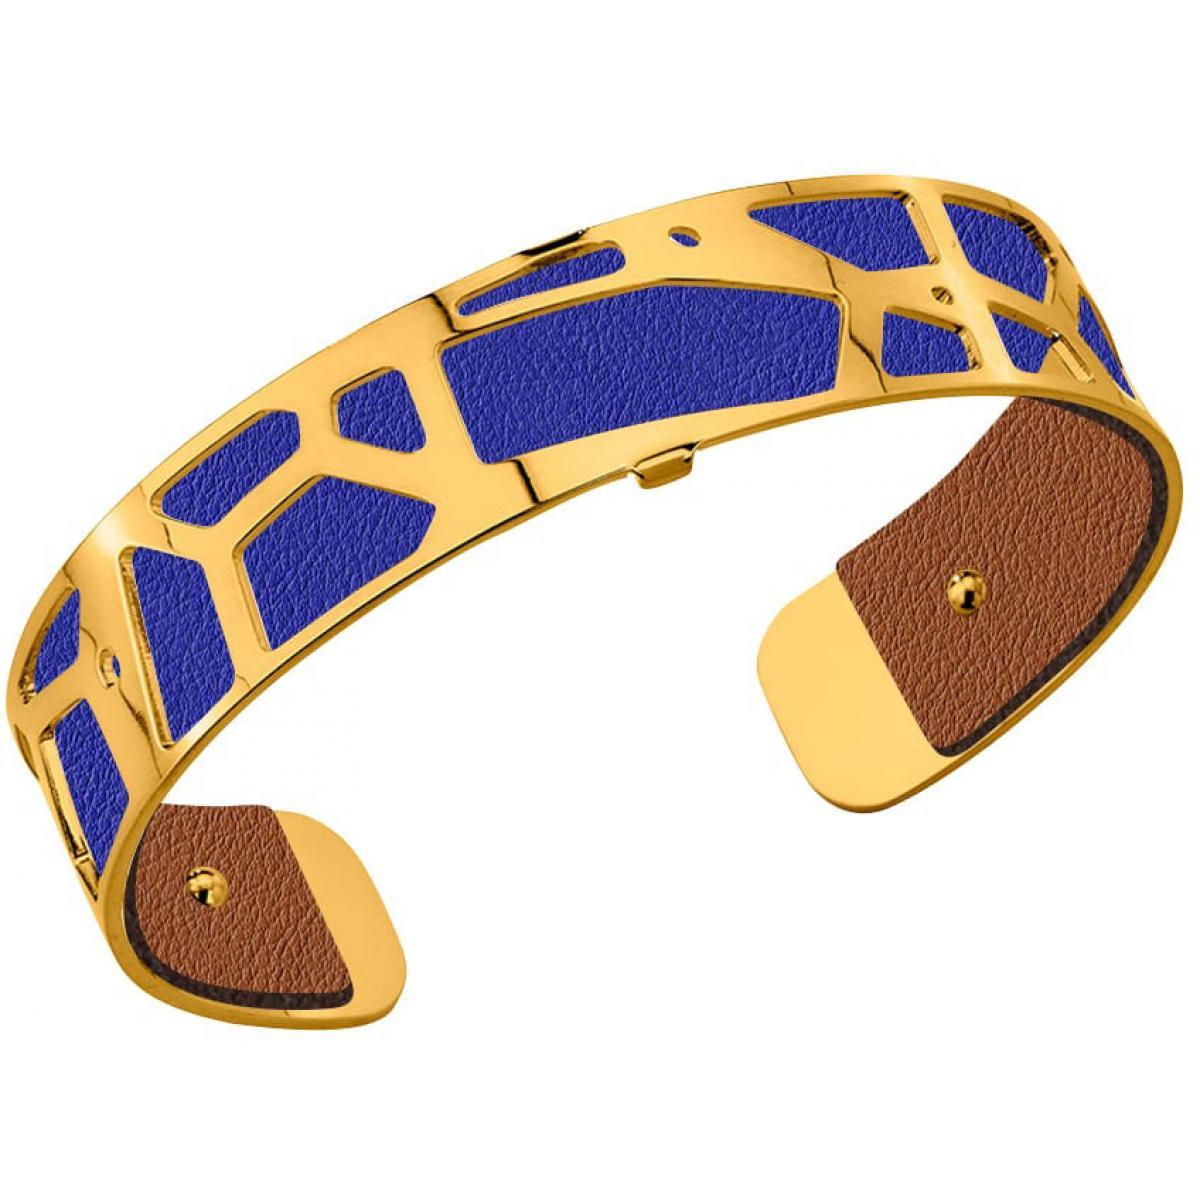 cuir pour bracelet les georgettes cuir bleu denim canyon cuir pour bracelet reversible interchangeable femme